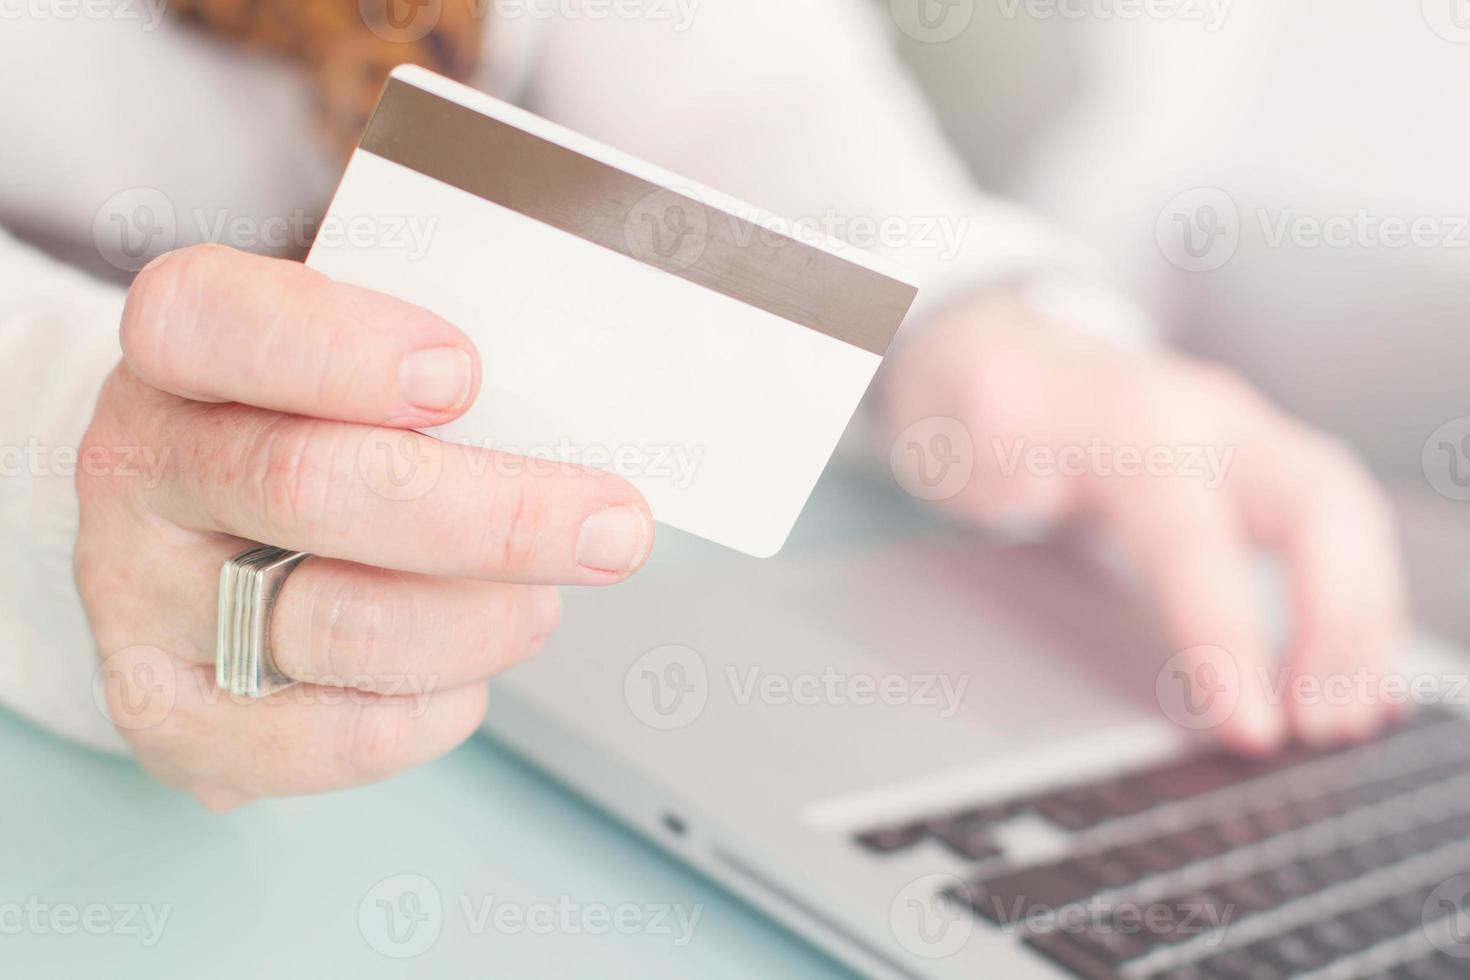 paiement des achats en ligne photo